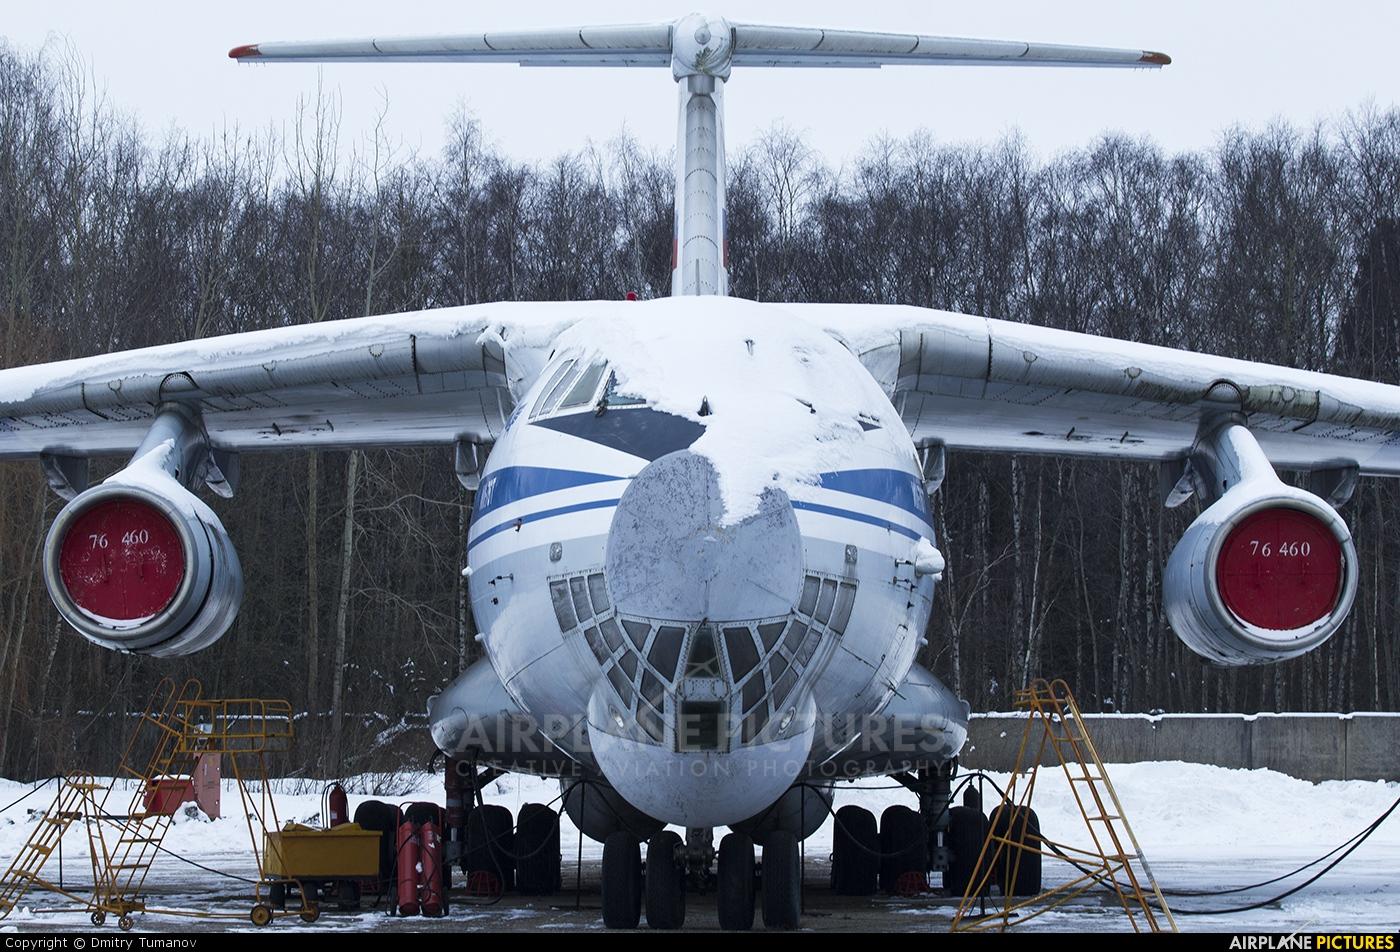 Aeroflot RA-76460 aircraft at Moscow - Sheremetyevo